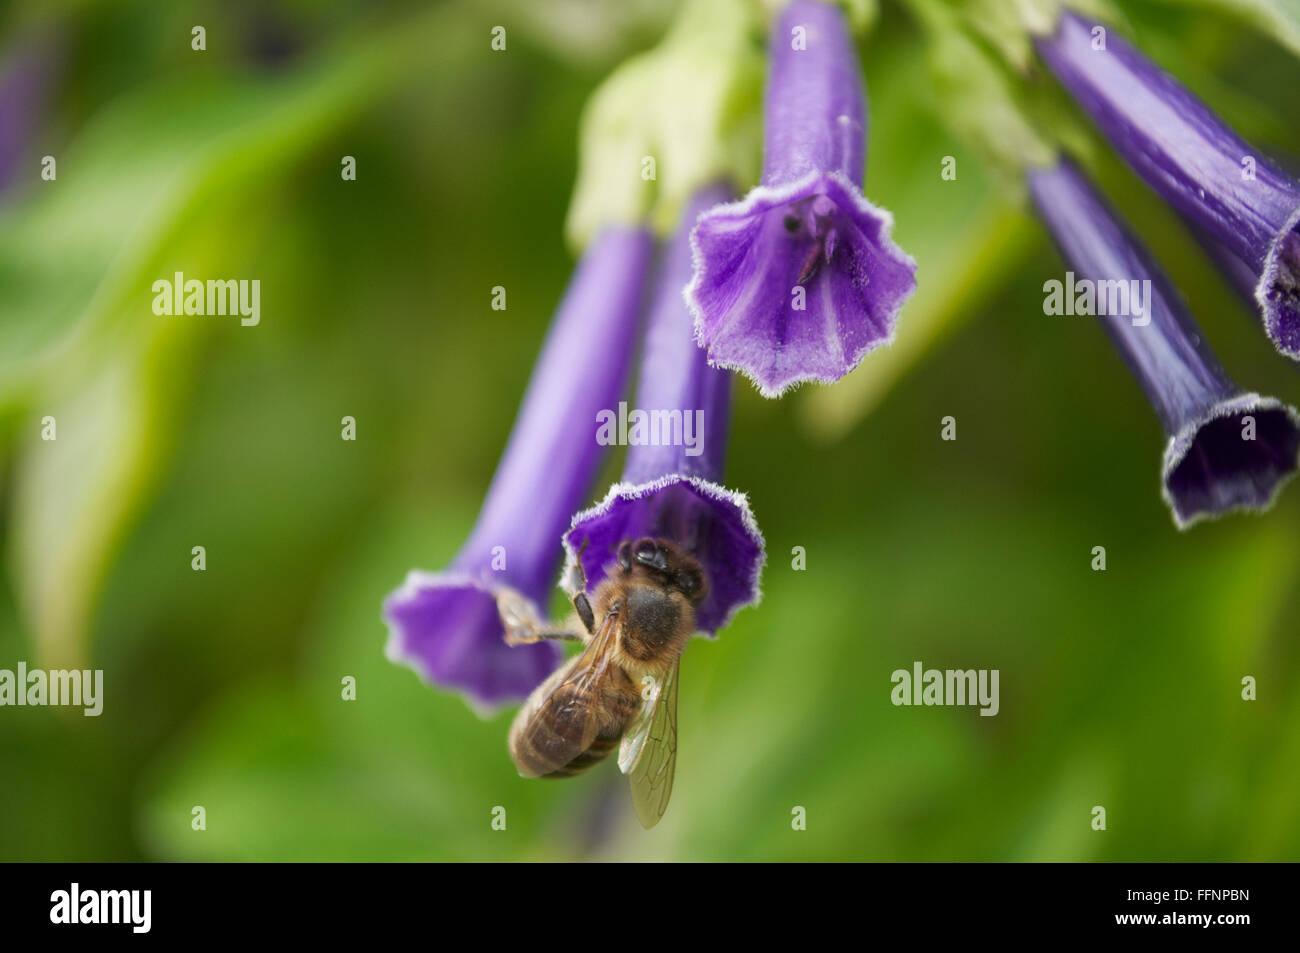 Sullo sfondo di foglie verdi blu fiore e bee Immagini Stock